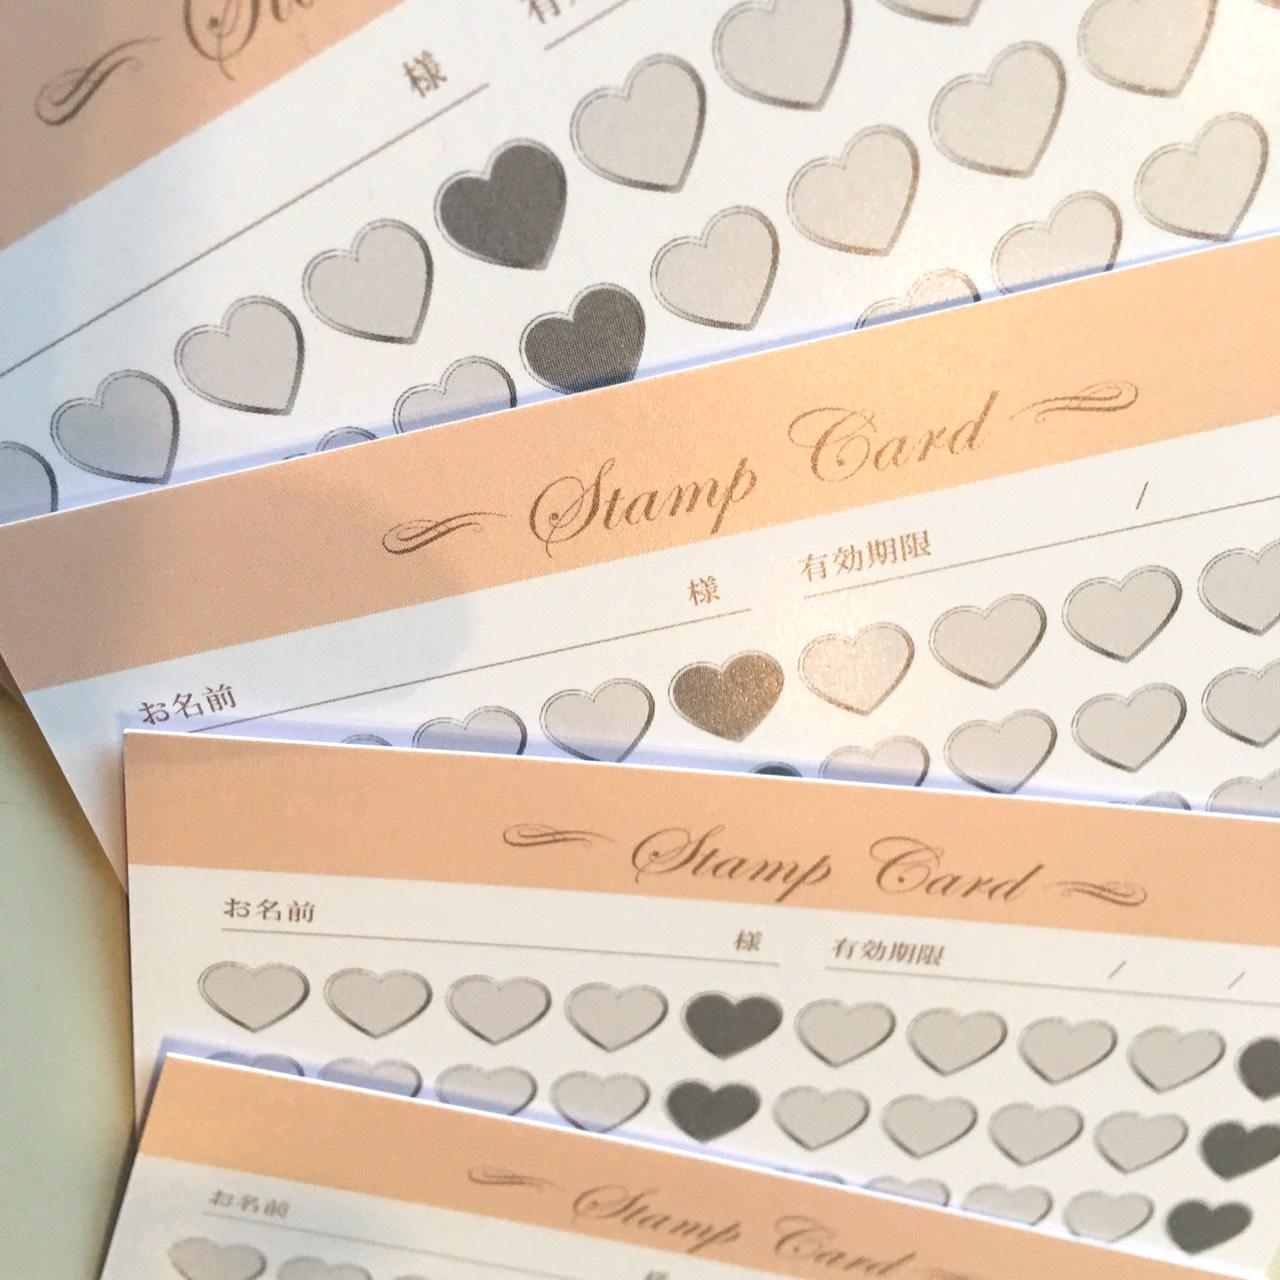 ハートスタンプカード,可愛いポイントカード印刷